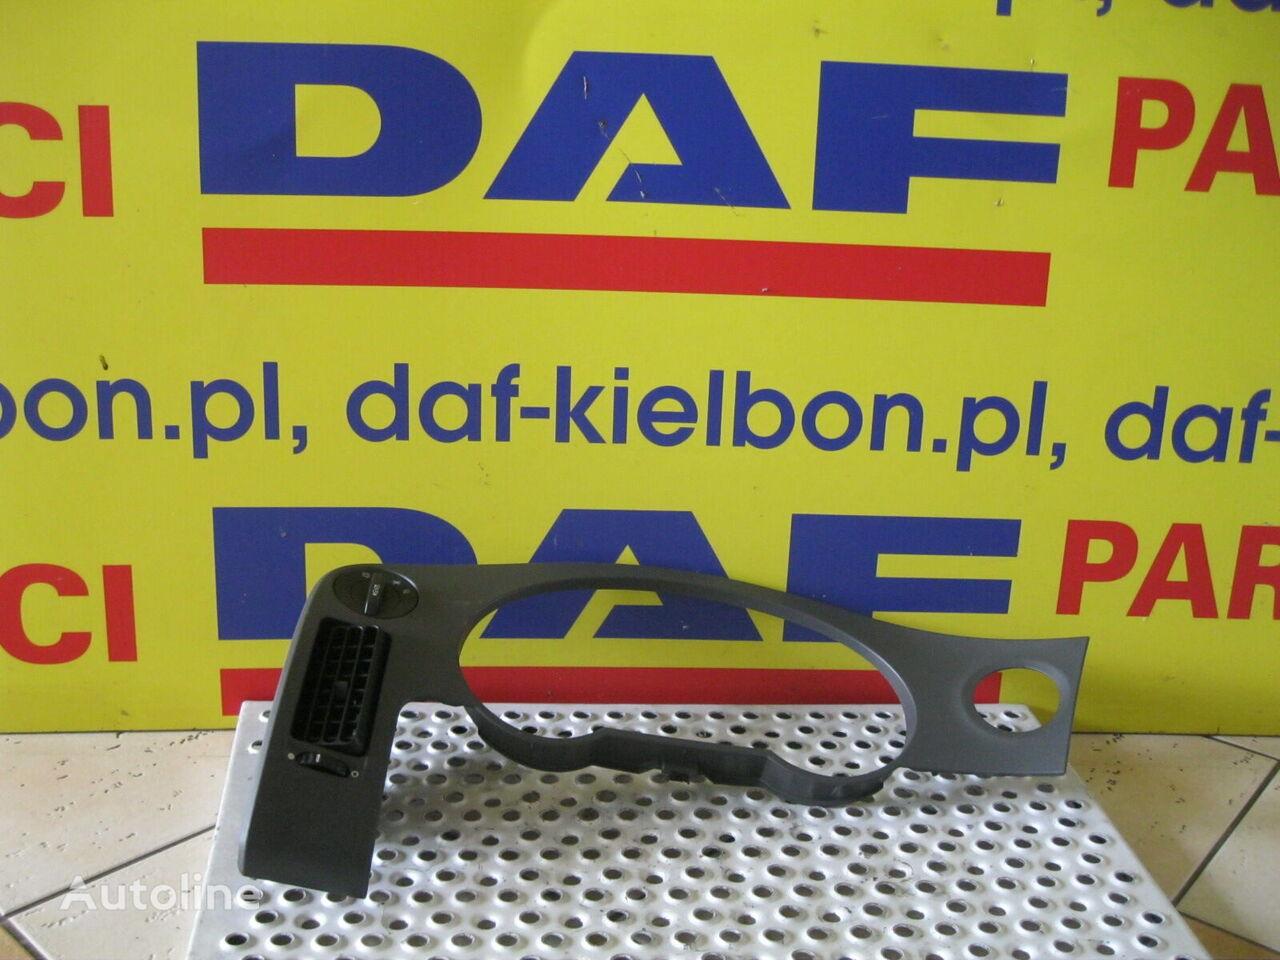 oblicowanie DAF RAMKA PLASTIKOWA ZEGARÓW do ciągnika siodłowego DAF XF 106